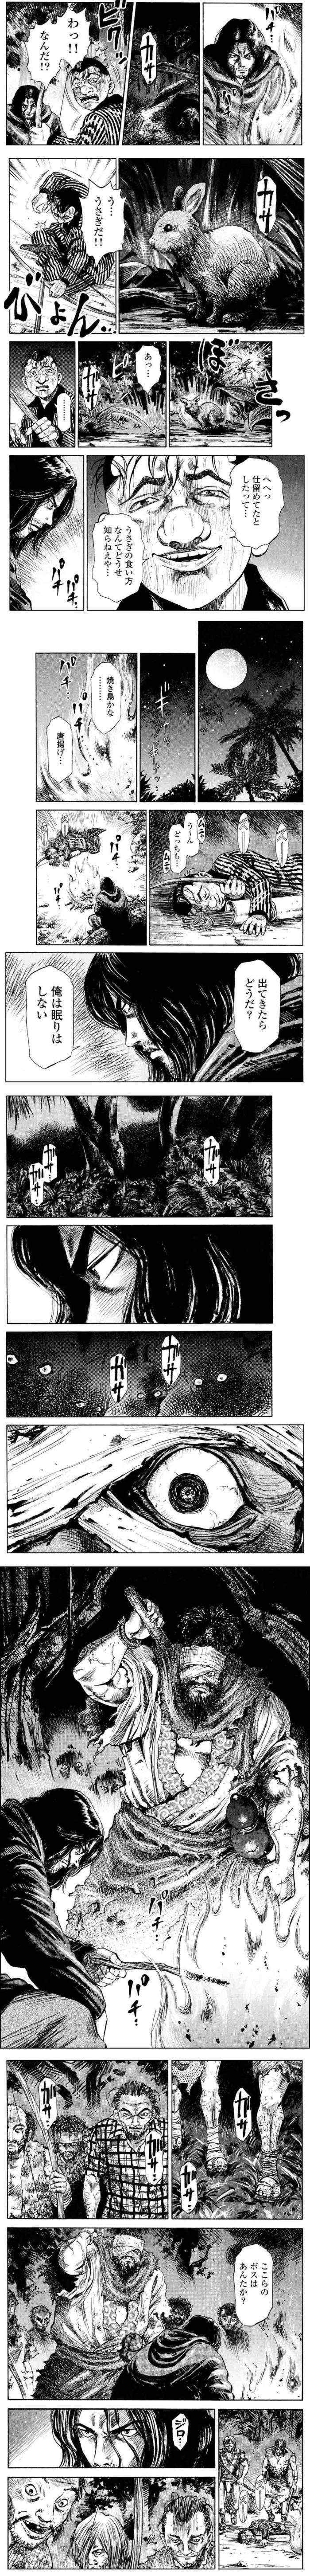 tengokuno-shima02-02